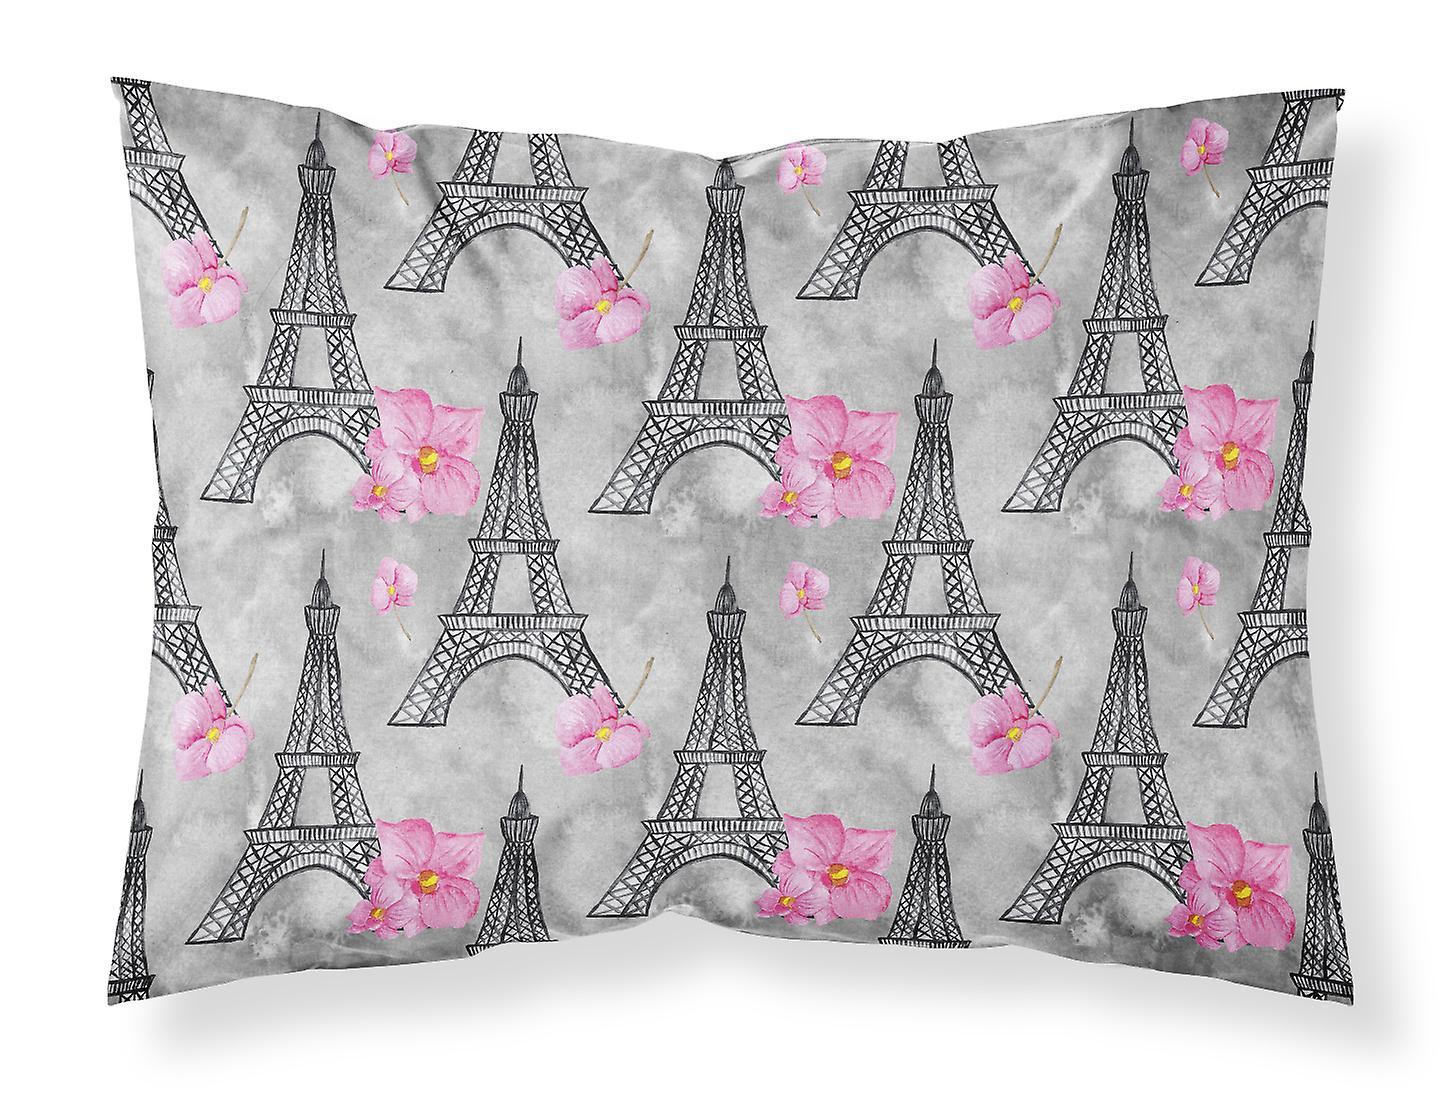 Taie Tour D'oreiller Eiffel Standard Aquarelle Rose Tissu Du Fleurs QCsdhtrx